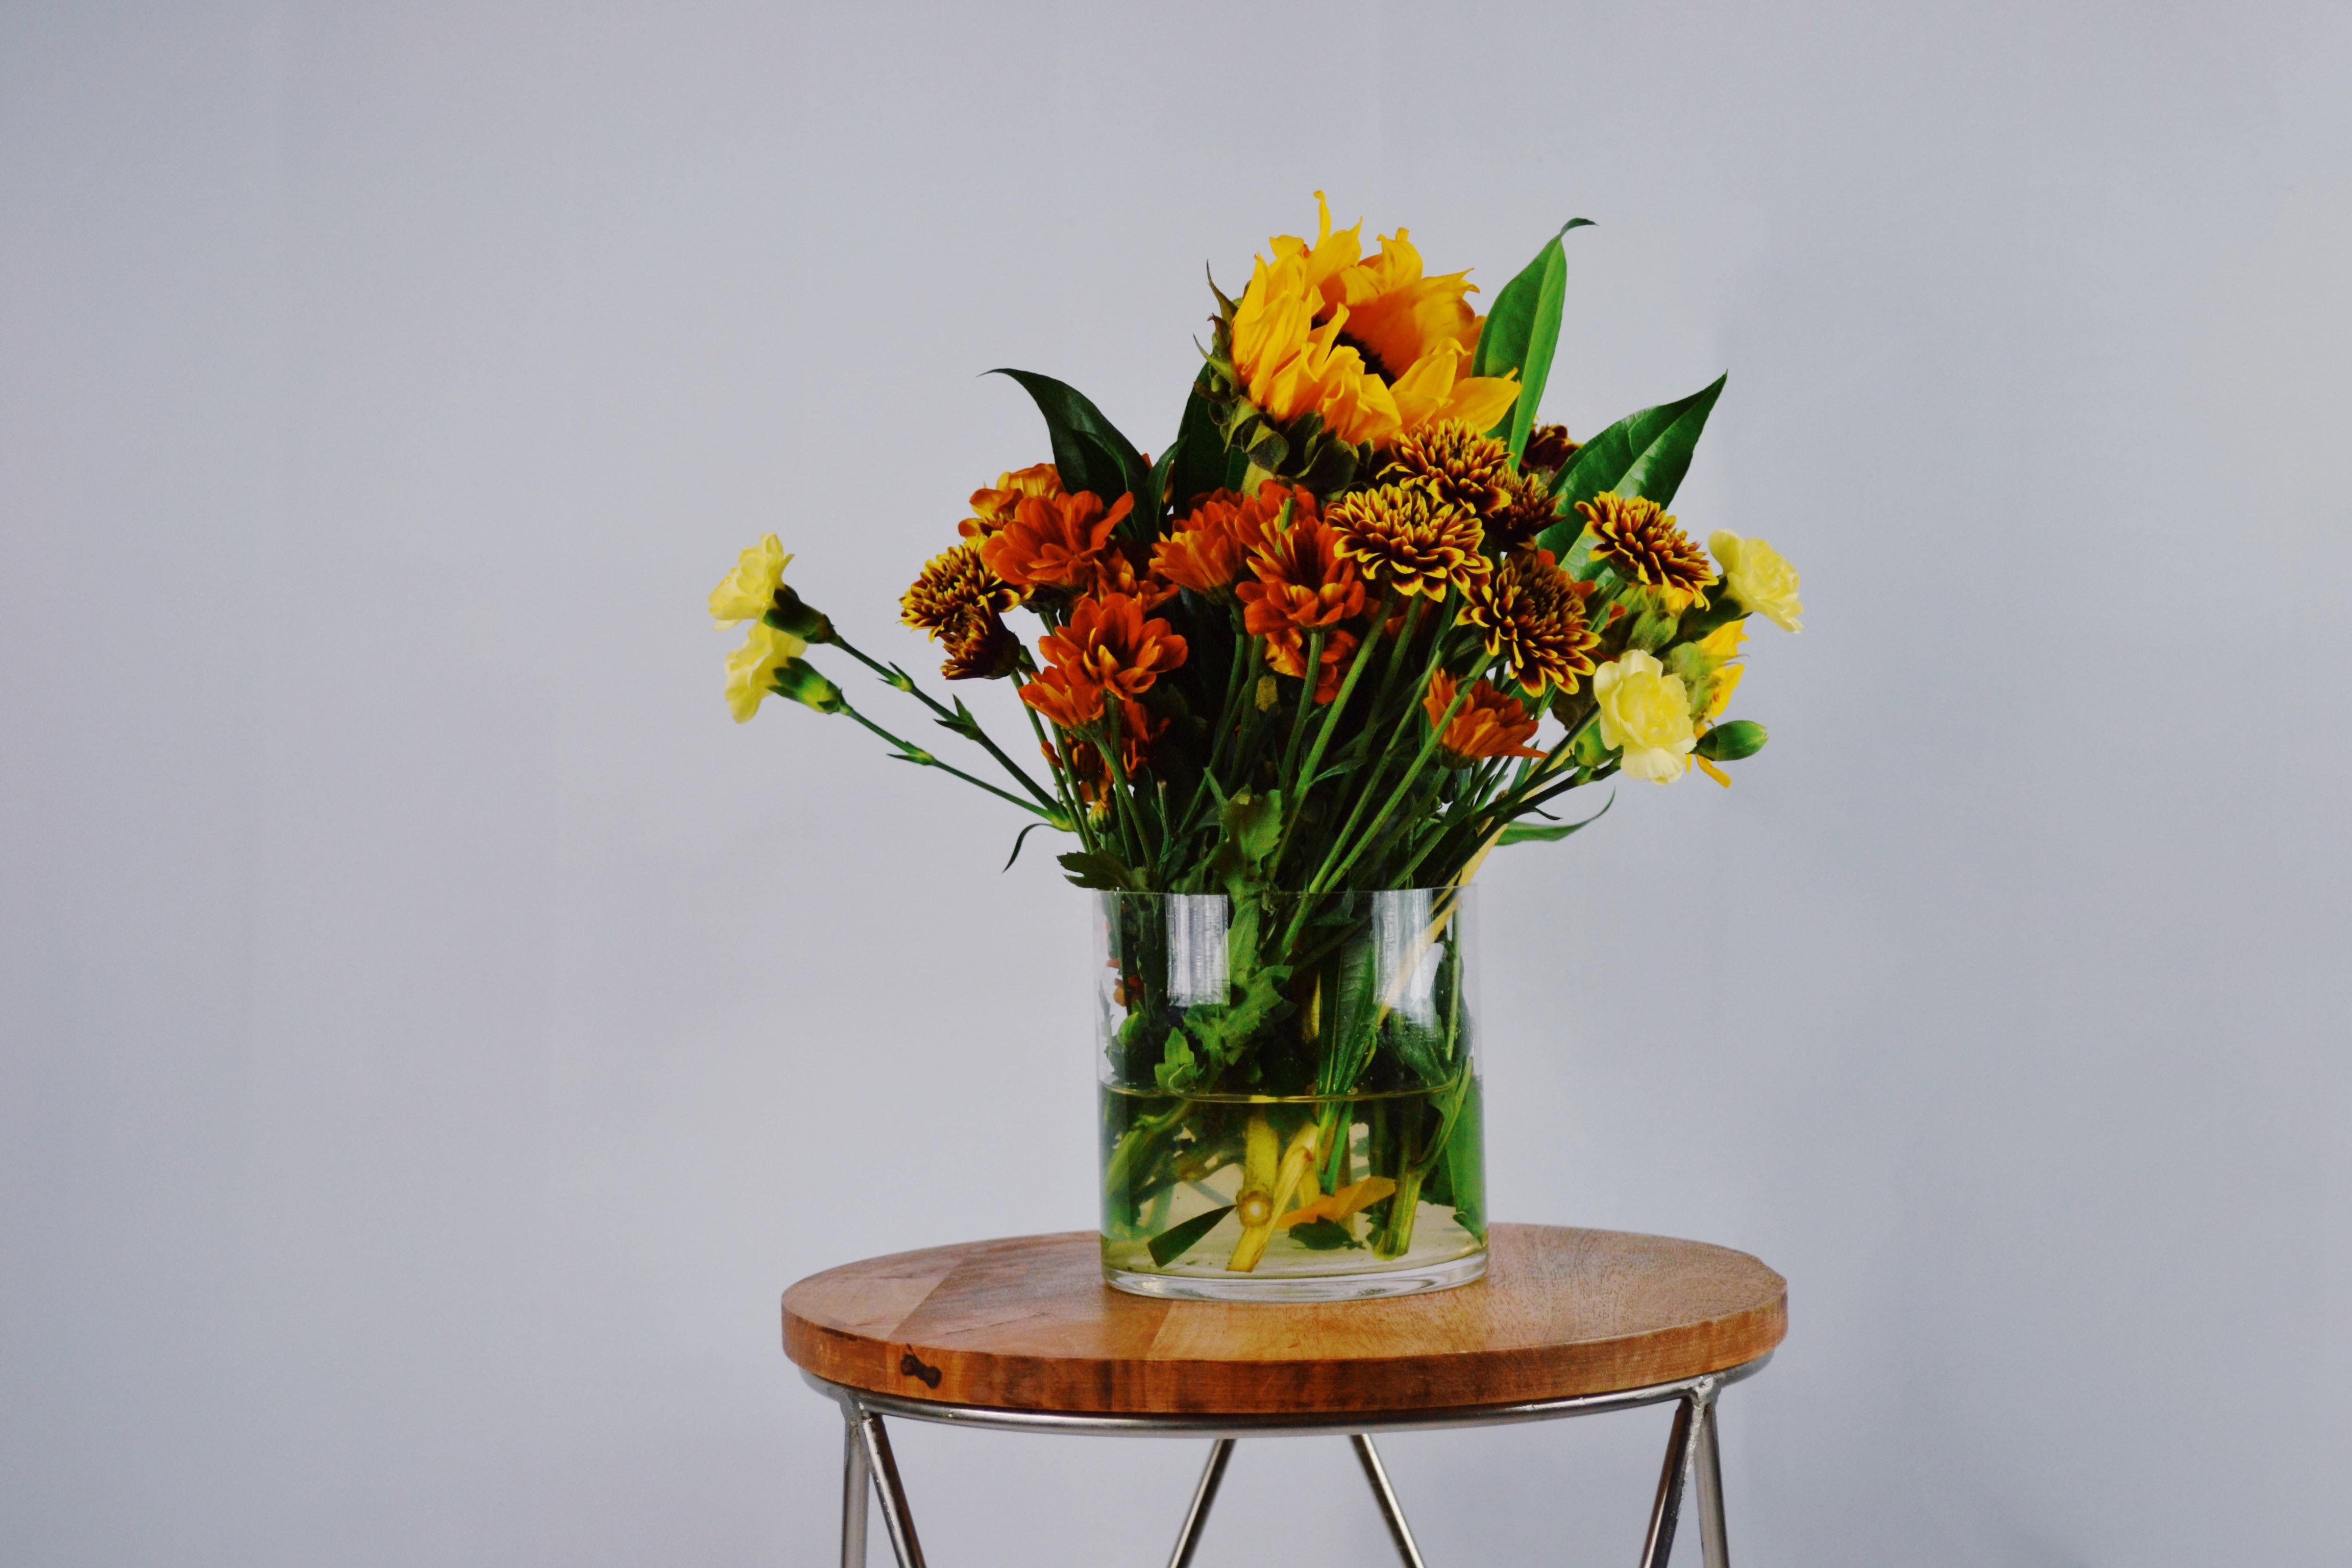 Poze Luminos A închide Colorate Decor Floră